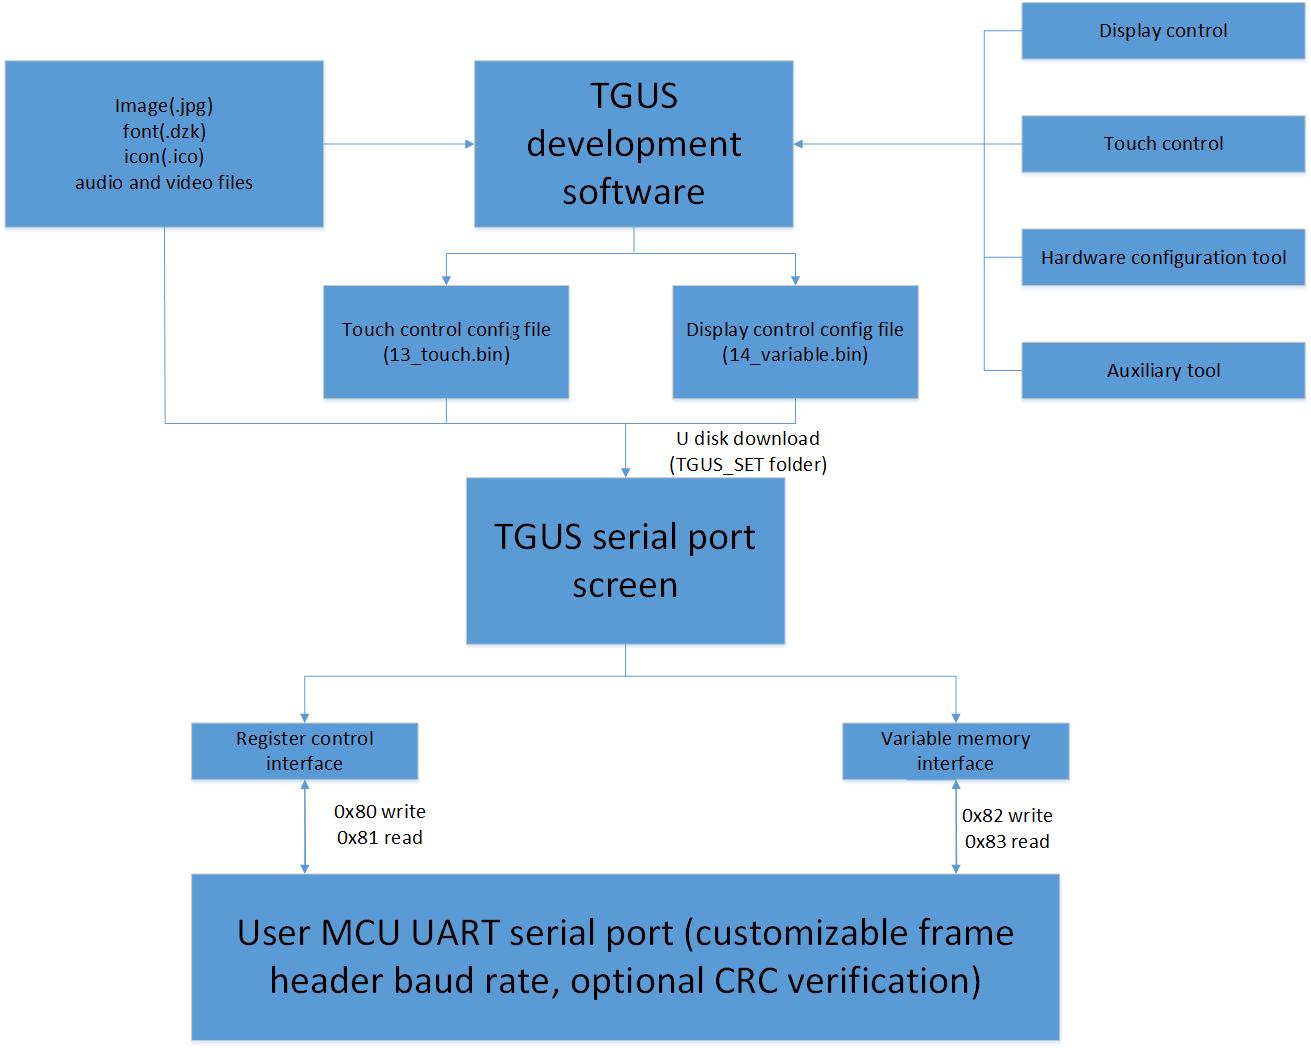 1.2 TGUS system architecture diagram